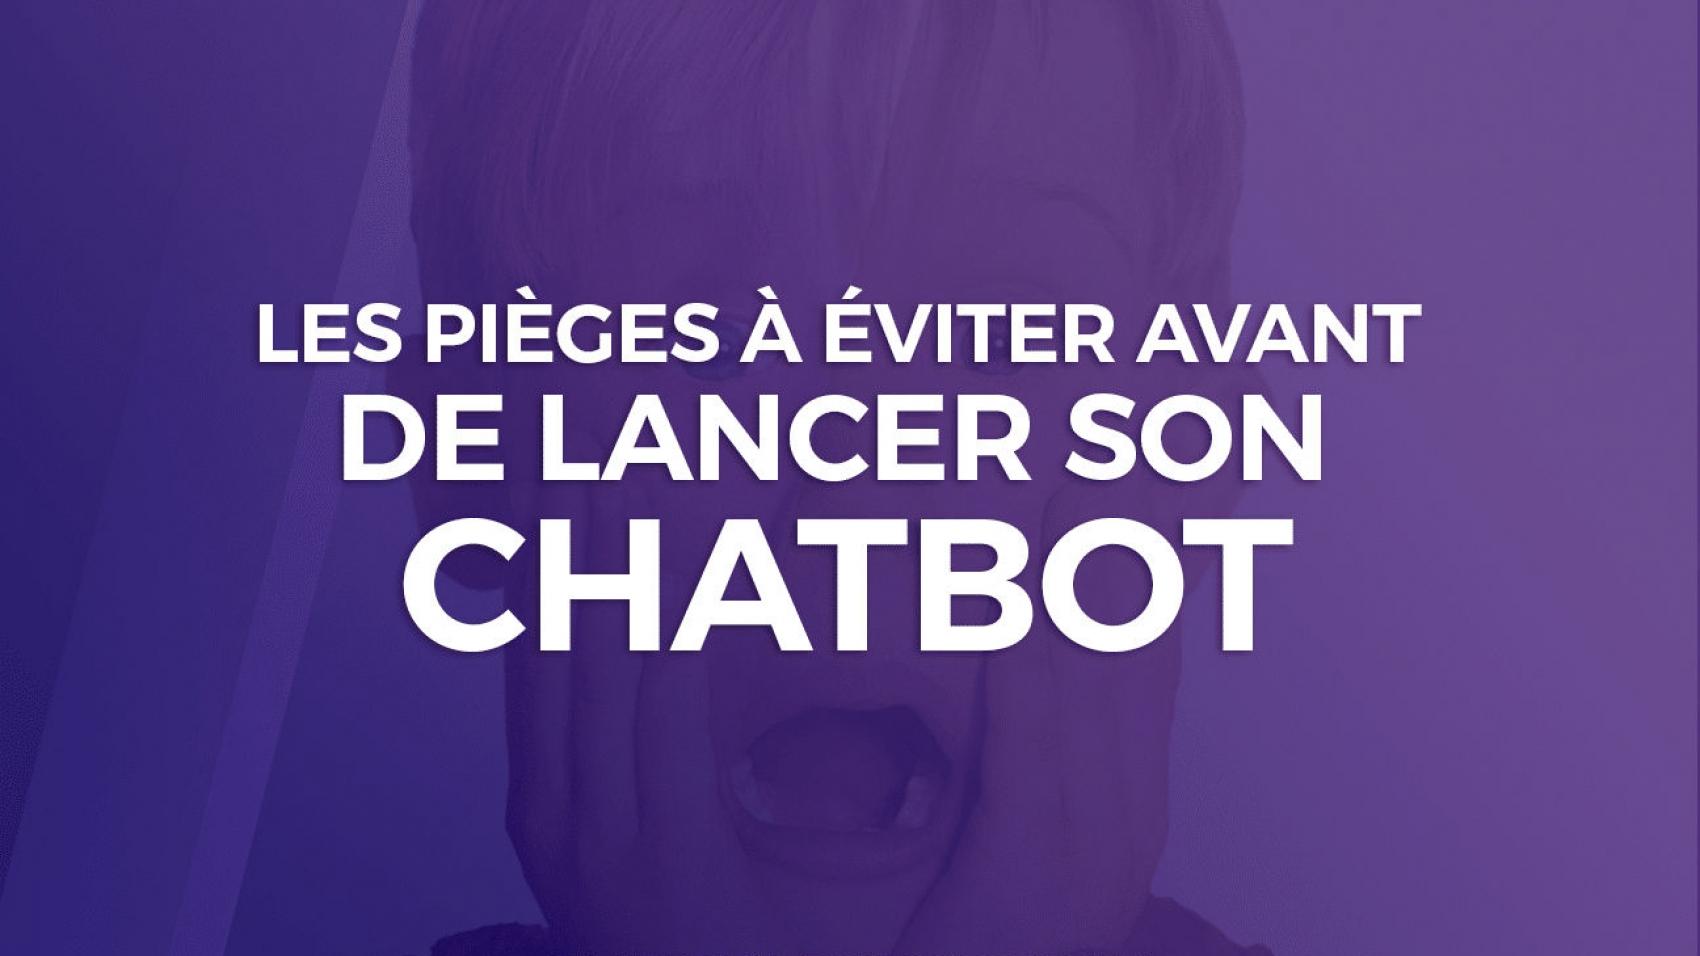 chatbot piege a eviter avant de lancer un projet